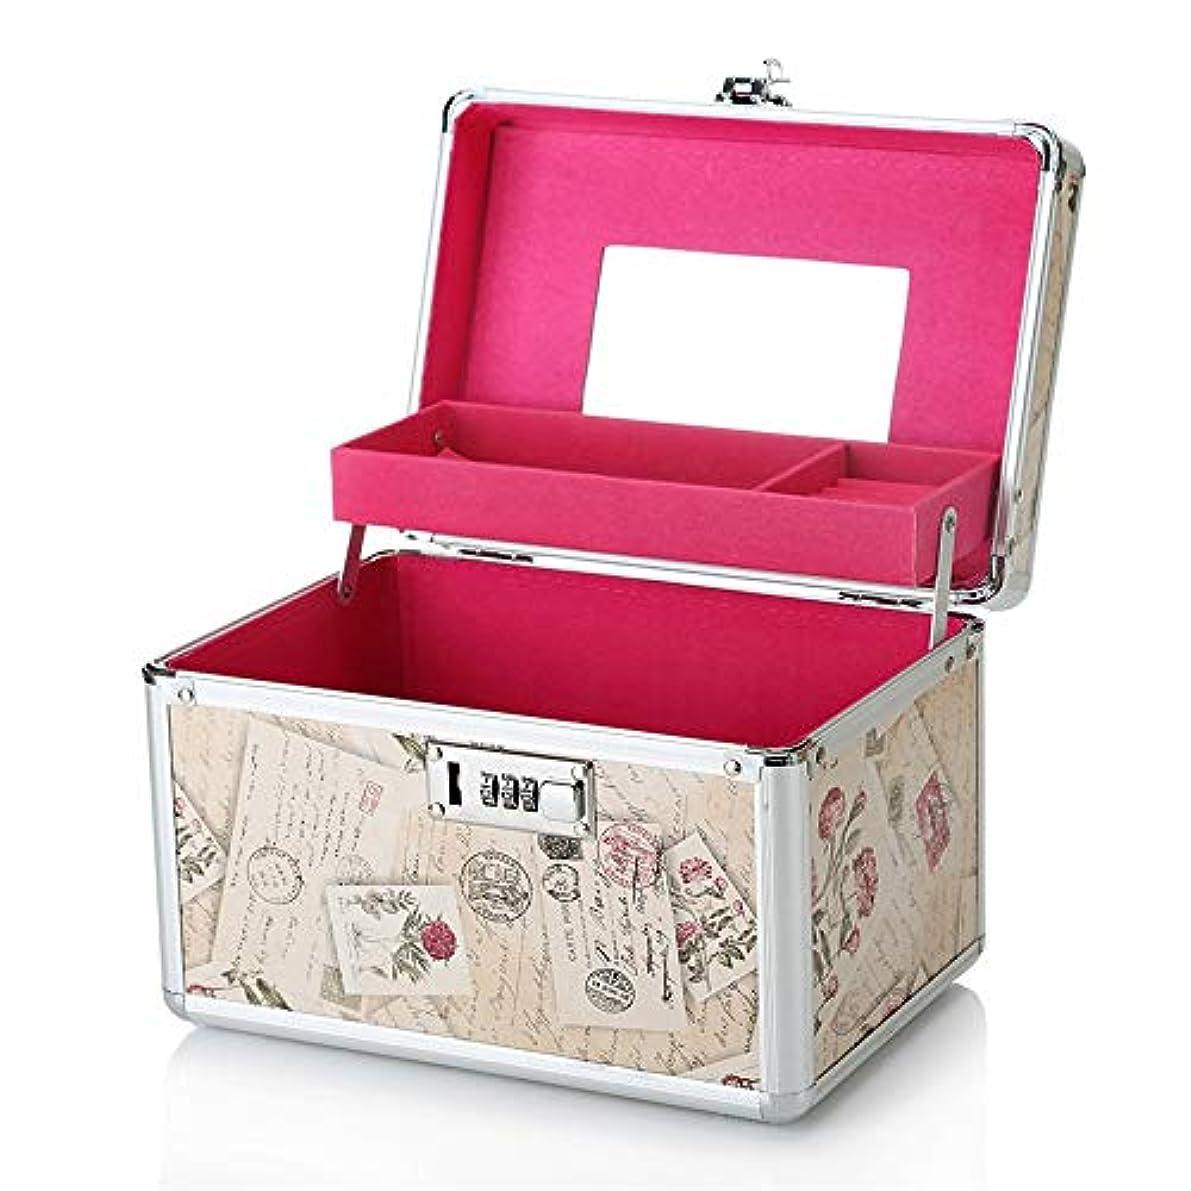 研究所言う比較的特大スペース収納ビューティーボックス 美の構造のためそしてジッパーおよび折る皿が付いている女の子の女性旅行そして毎日の貯蔵のための高容量の携帯用化粧品袋 化粧品化粧台